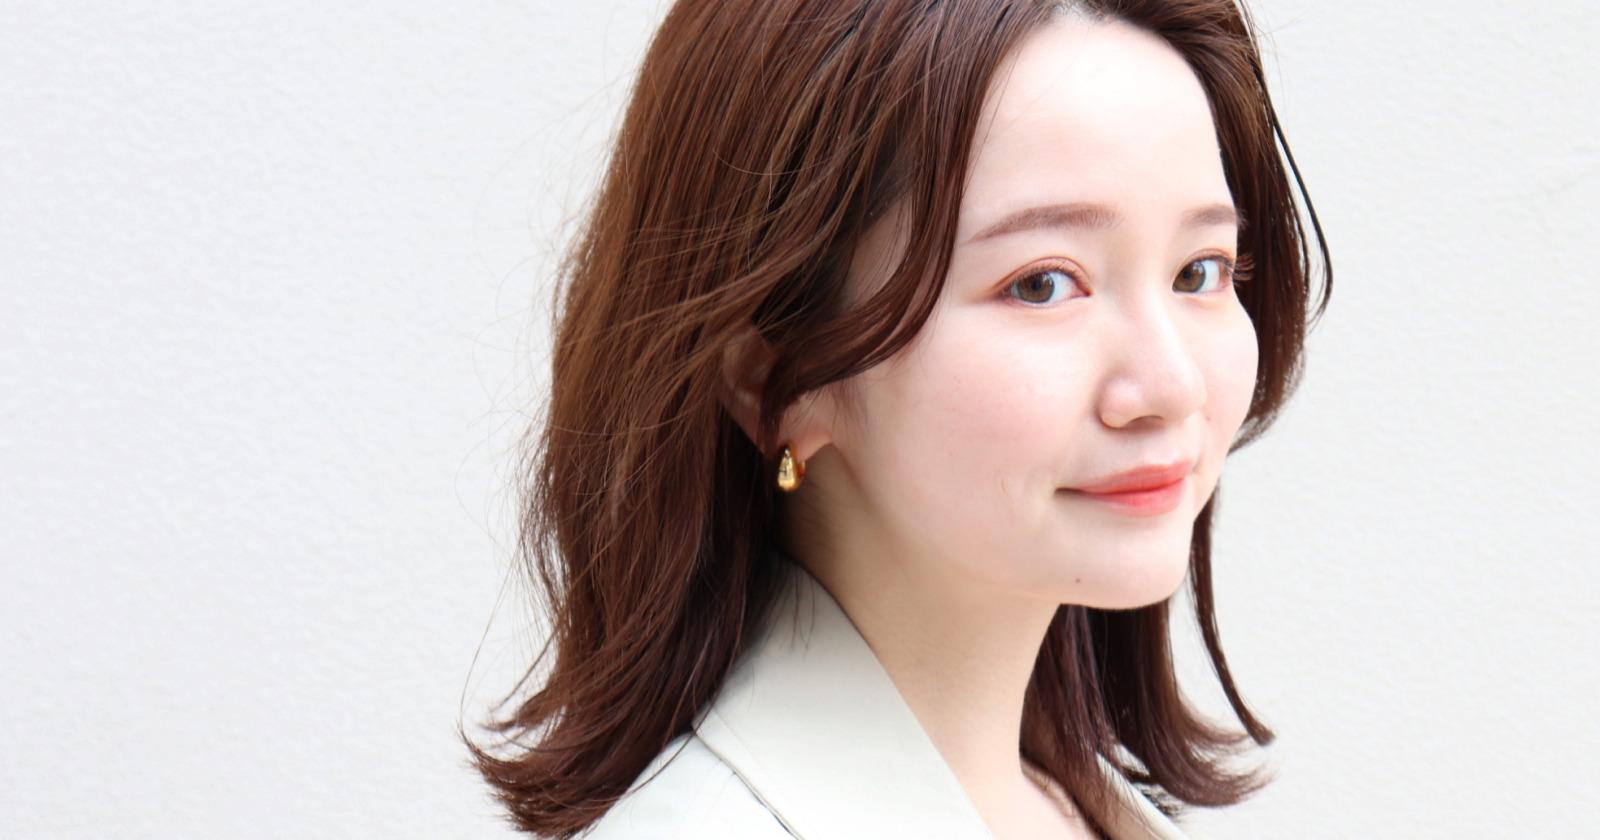 婚活_マッチングアプリ_プロフィール写真